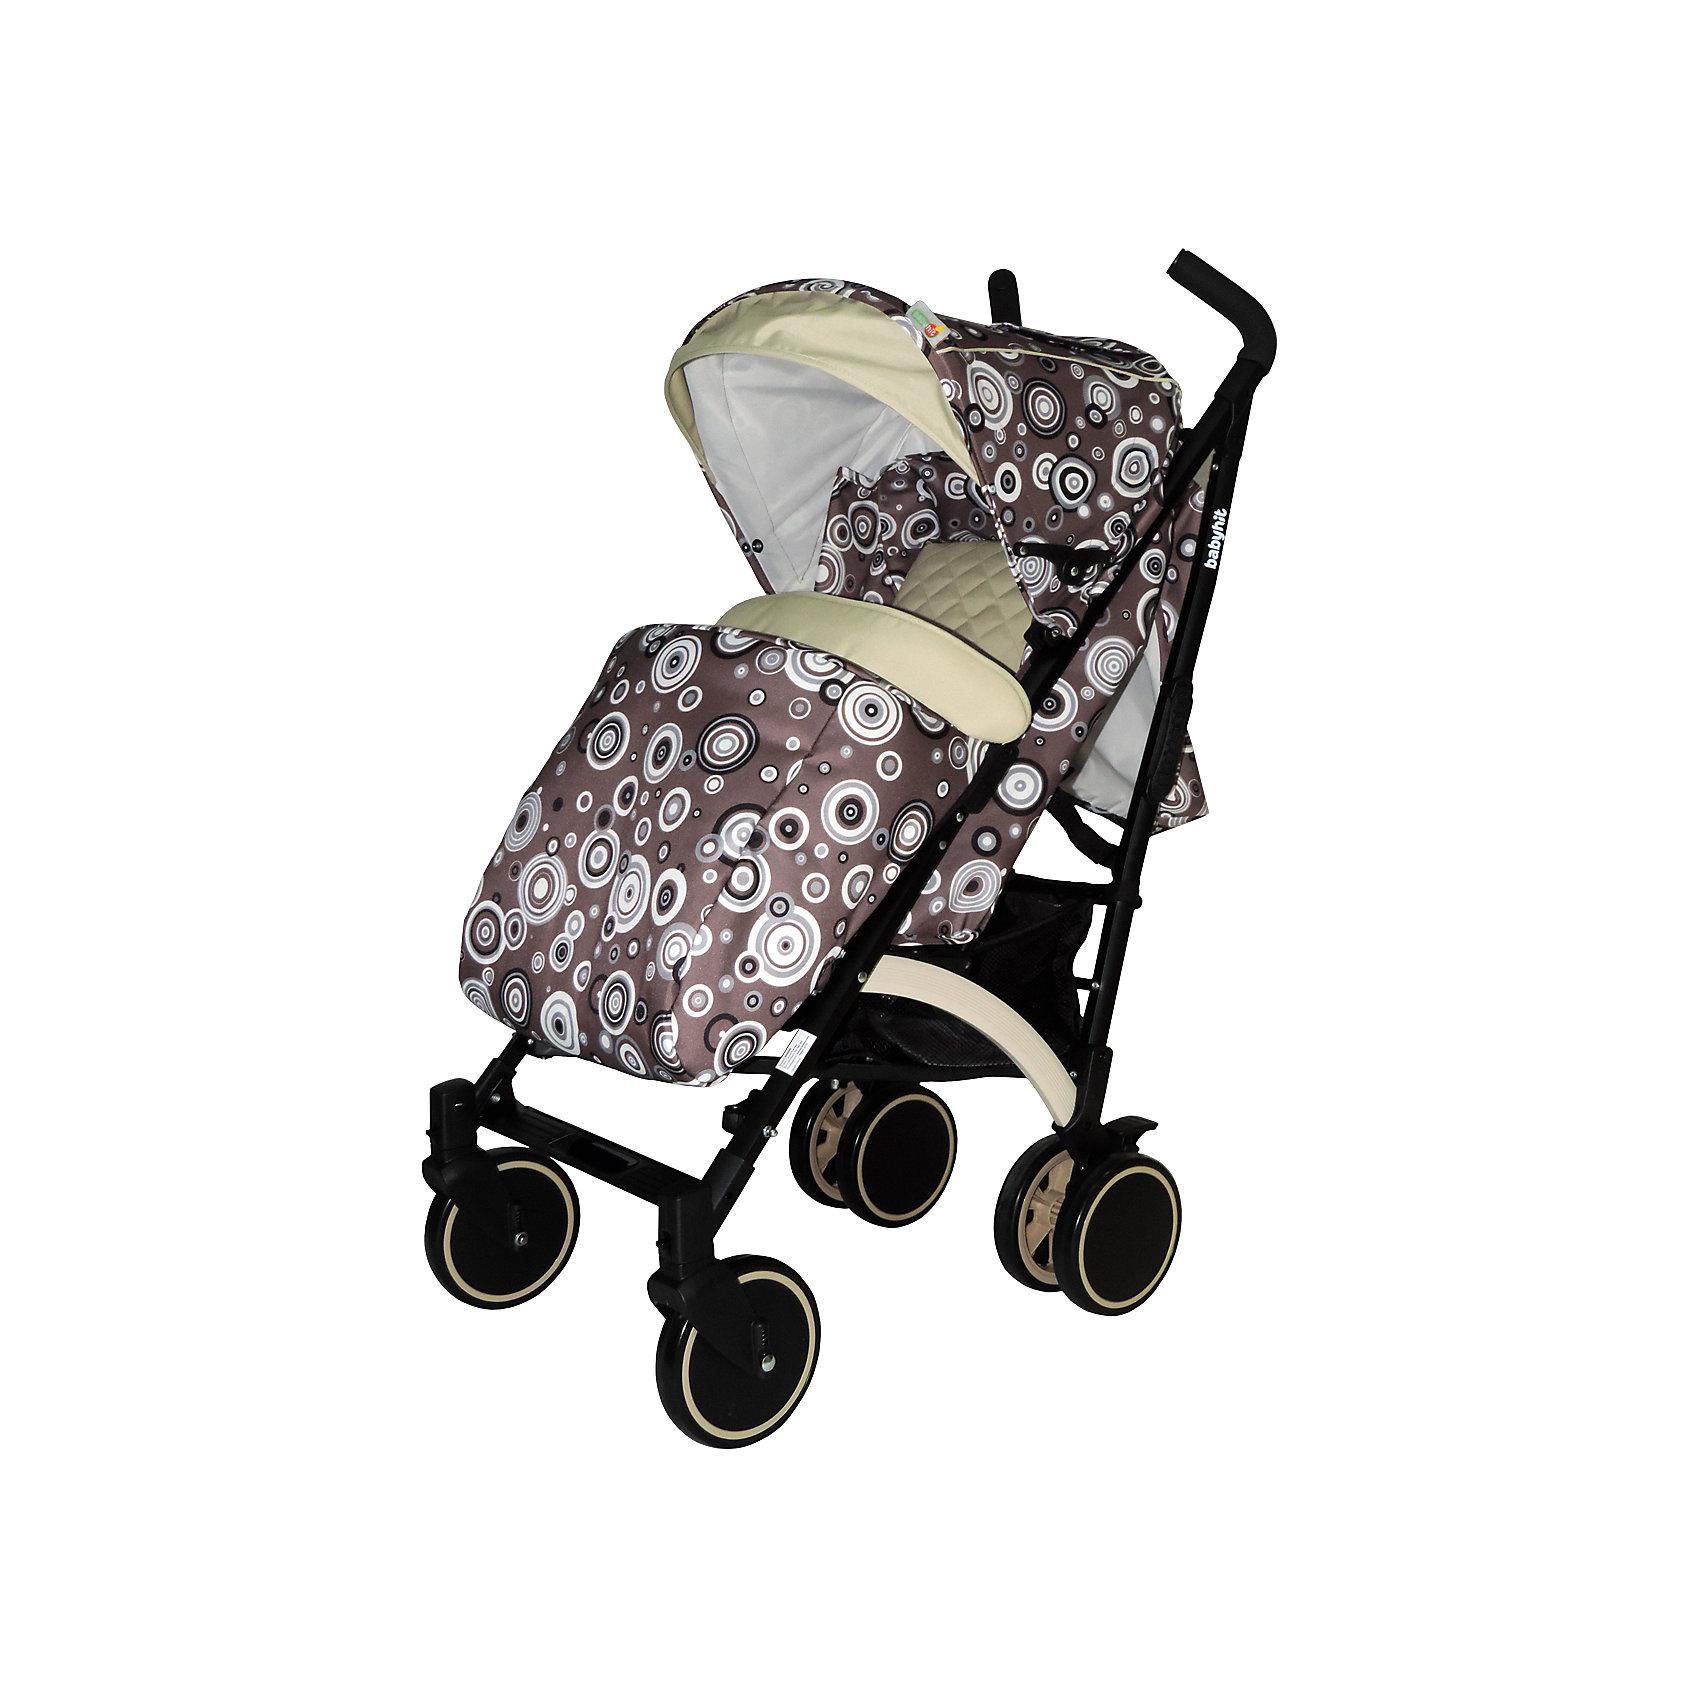 Коляска-трость Rainbow, Baby Hit, какаоДополнительная информация:<br><br>Спинка сиденья регулируется в 3-х положениях для комфортного отдыха ребенка.<br>5-ти точечные ремни безопасности с мягкими плечевыми накладками и паховый ремень надежно удержат малыша на прогулке.<br>Бампер предназначен для дополнительной безопасности, снимается при необходимости.<br>Подножка регулируемая.<br>Капюшон-батискаф опускается до бампера.<br>Передние поворотные колеса с возможностью фиксации в положении прямо.<br>Все колеса амортизированы.<br>В сложенном виде коляску легко переносить с помощью удобной ручки.<br>Коляска автоматически блокируется при складывании.<br>Корзинка для покупок расположена в нижней части коляски.<br>Размеры коляски в разложенном виде: 85/43/108 см.<br>Ширина сиденья: 35 см.<br>Высота спинки: 47 см.<br>Глубина сиденья: 25 см.<br>Длина подножки: 13 см.<br>Размер спального места при поднятой подножке - 85 х 35 см.  <br>Диаметр колес: 18 см.<br>Вес коляски - 7,4 кг.<br>В комплекте:<br>Чехол для ножек. <br>Дождевик.<br>Москитная сетка.<br>Корзинка для покупок.<br>Сумка (нет в комплекте у колясок в расцветках: бежевый, голубой, малиновый).<br><br>Коляску-трость Rainbow, Baby Hit, какао можно купить в нашем магазине.<br><br>Ширина мм: 260<br>Глубина мм: 250<br>Высота мм: 900<br>Вес г: 8700<br>Возраст от месяцев: 6<br>Возраст до месяцев: 36<br>Пол: Унисекс<br>Возраст: Детский<br>SKU: 4726618